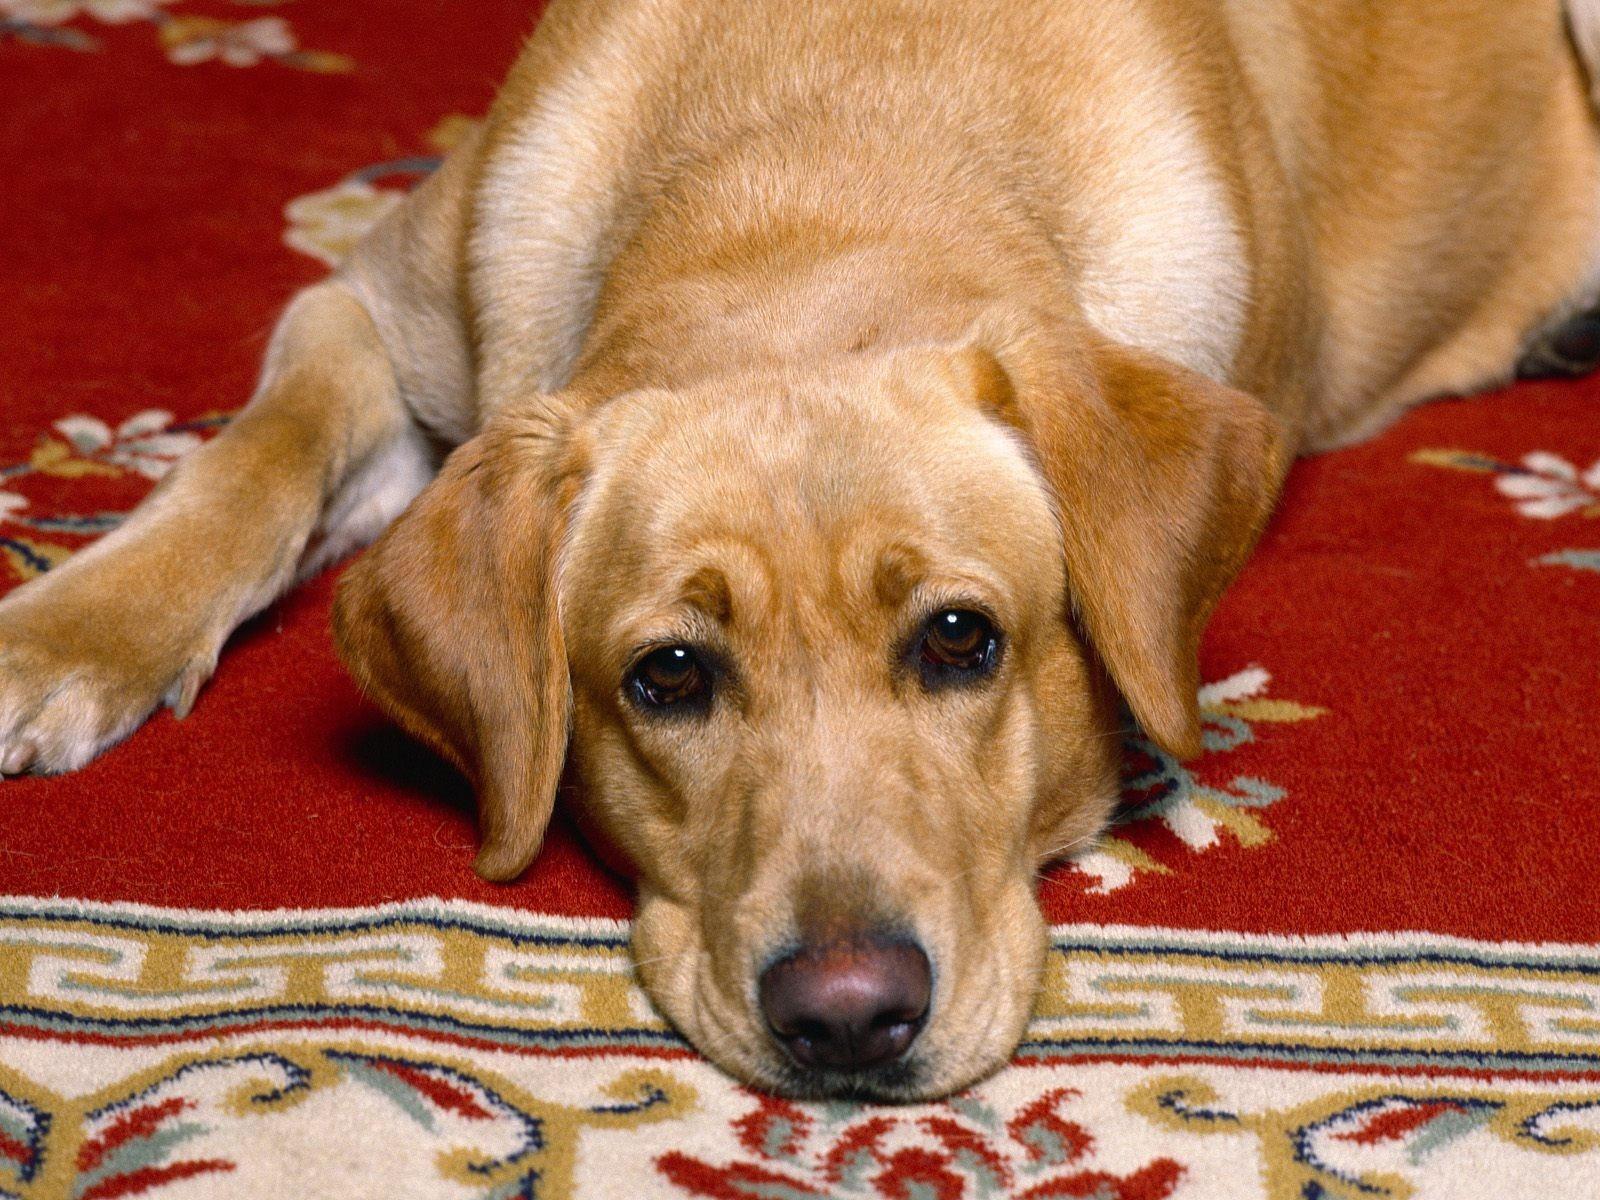 Нажмите на картинку с собаками, чтобы просмотреть ее в реальном размере.